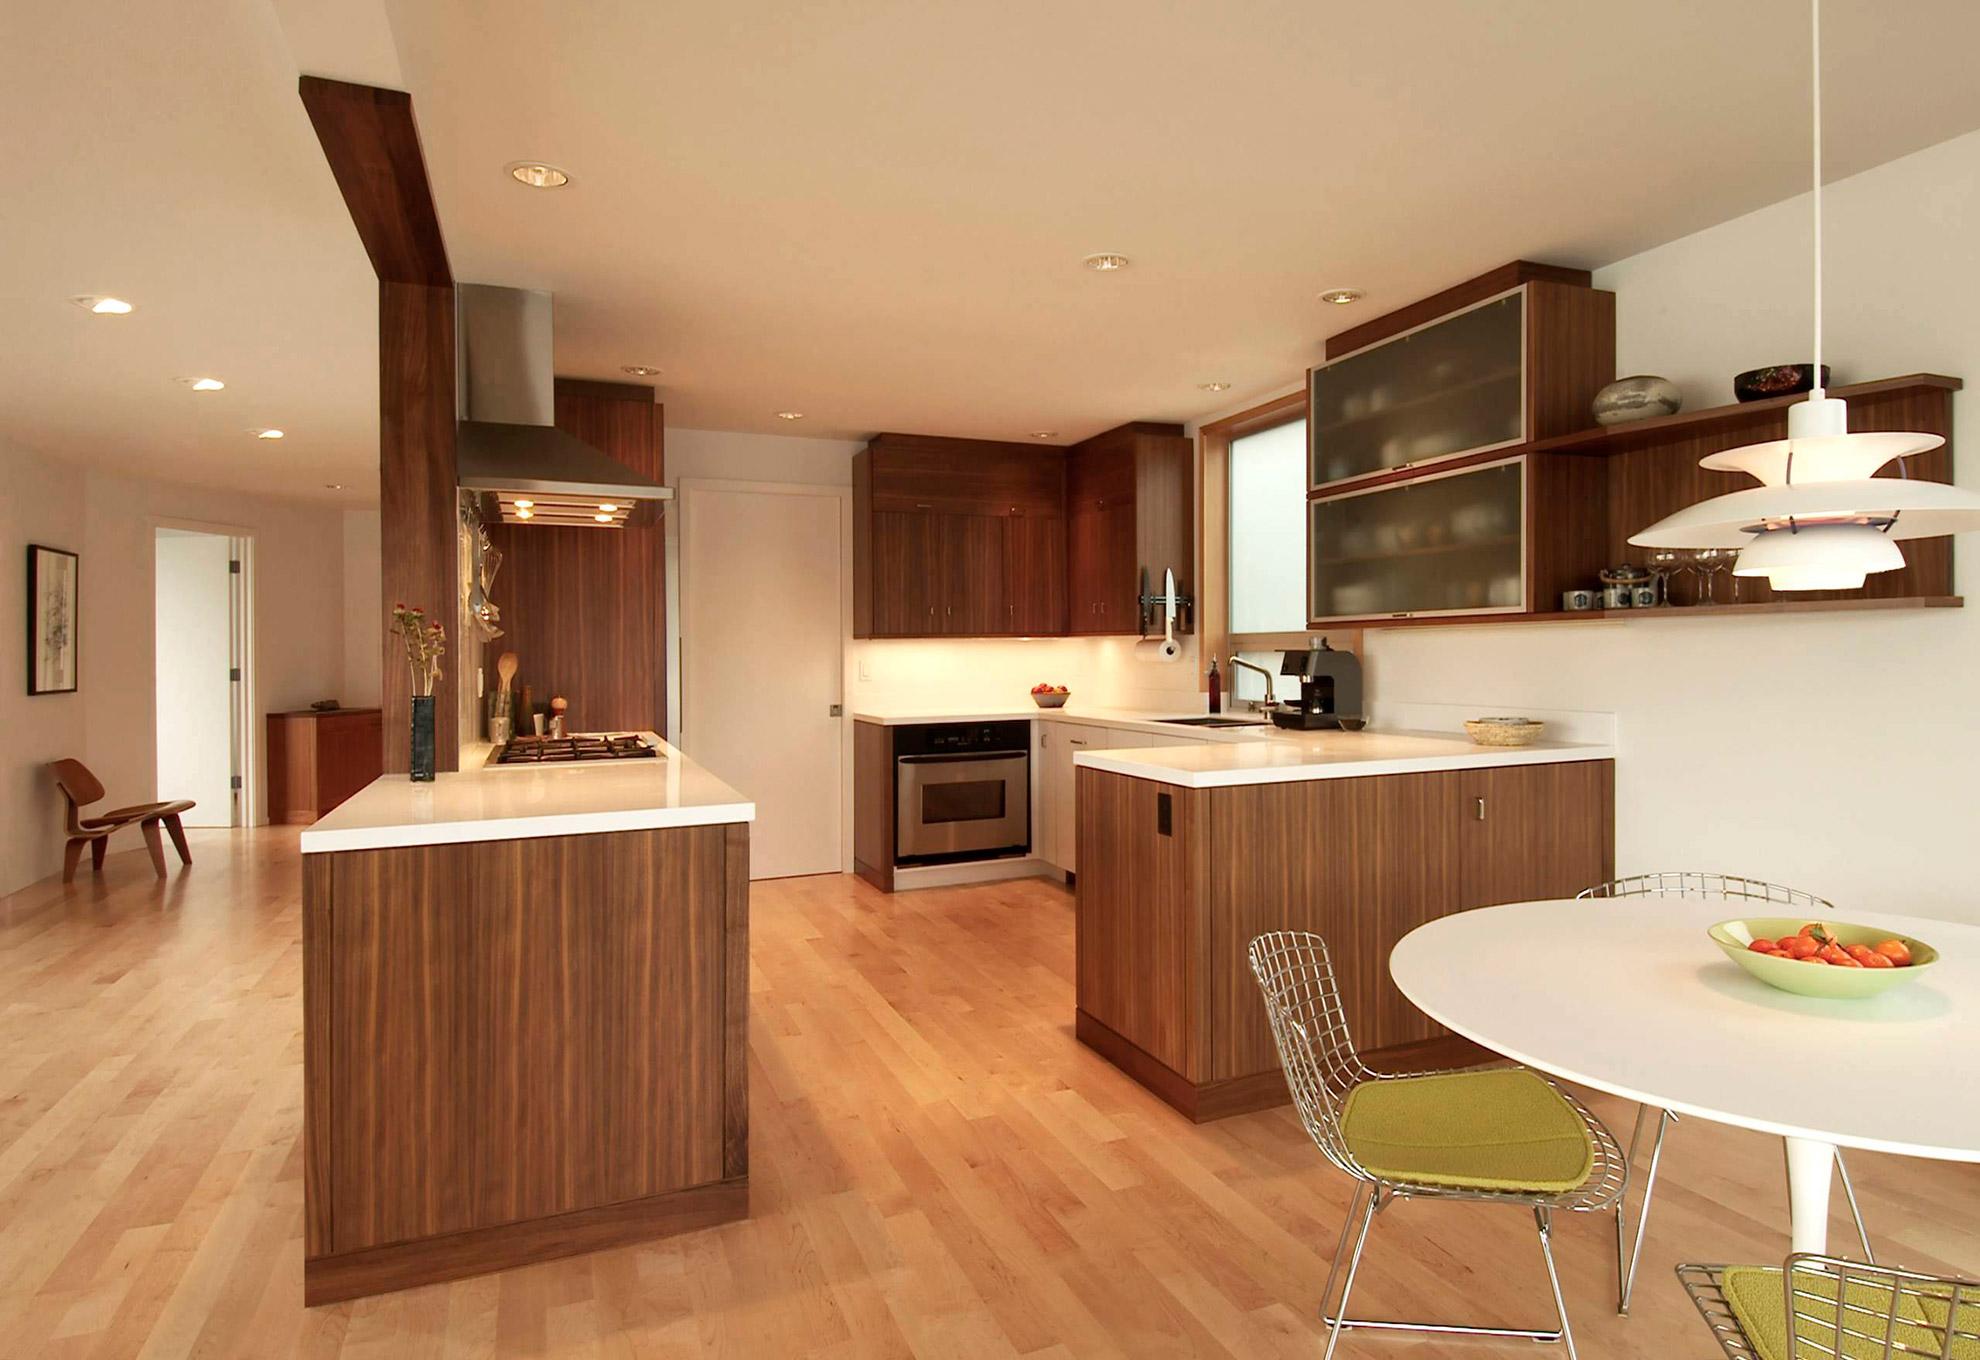 Banker floating house kitchen